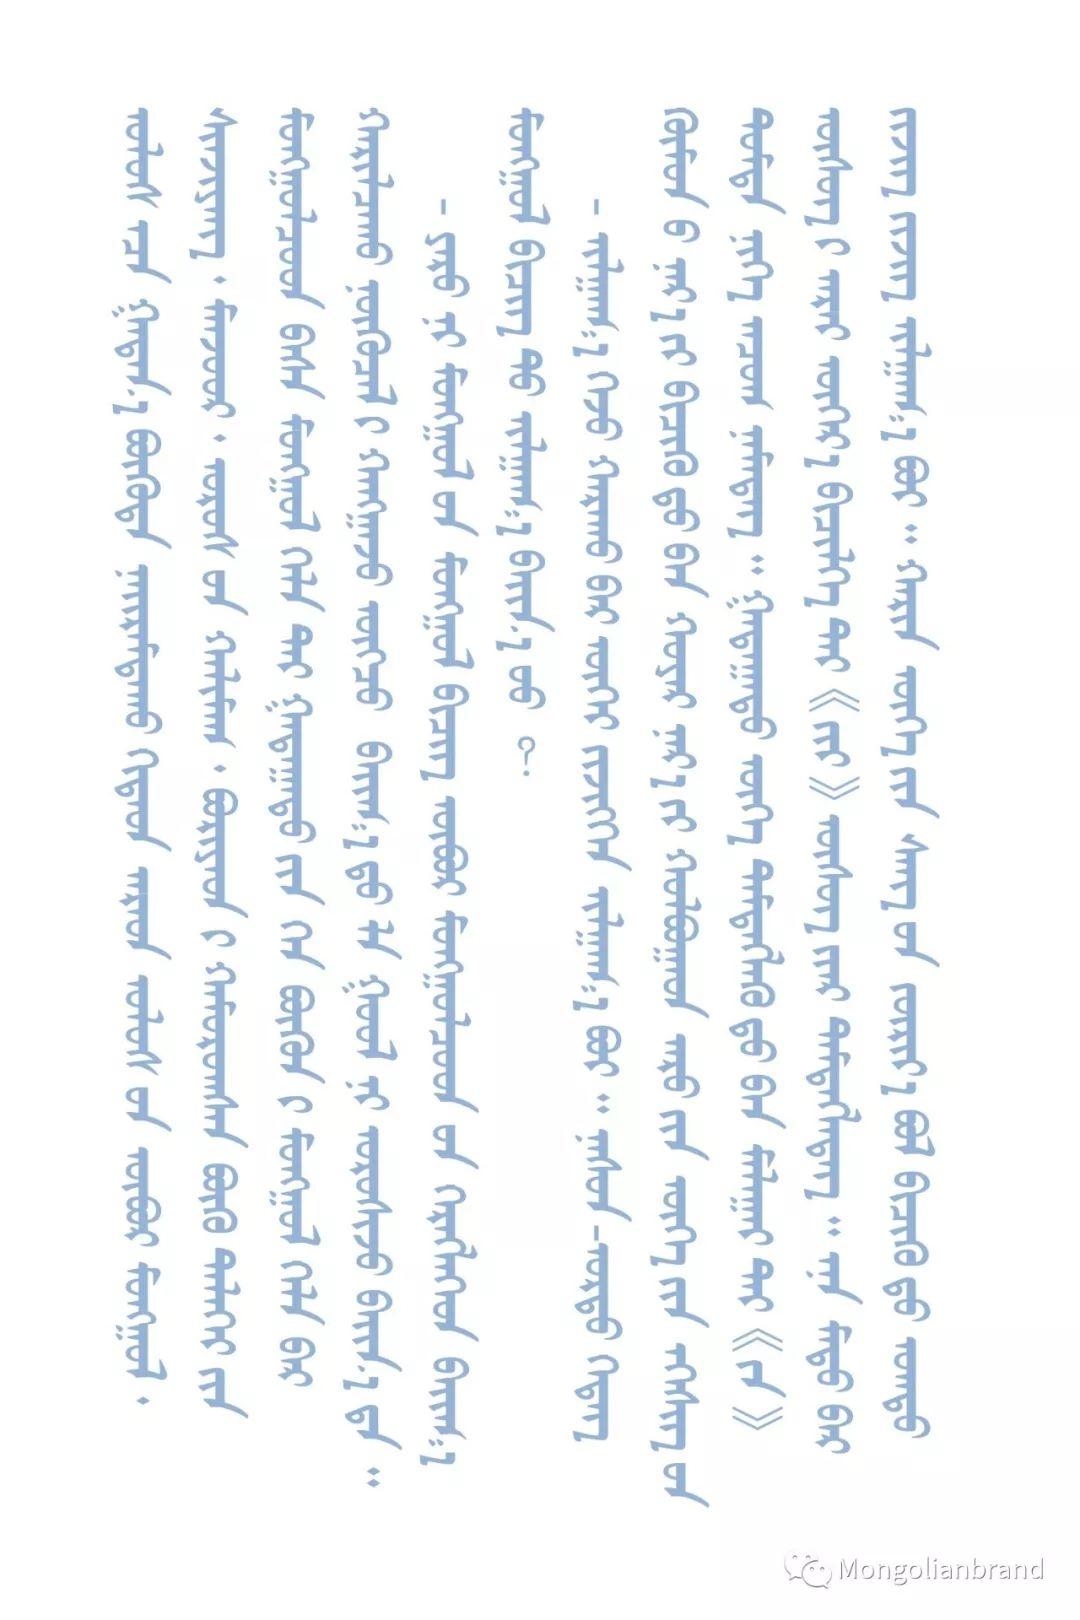 蒙古字体设计专家Jamiyansuren:让每个蒙古人掌握传统蒙古文是我们的终极目标 第15张 蒙古字体设计专家Jamiyansuren:让每个蒙古人掌握传统蒙古文是我们的终极目标 蒙古文化